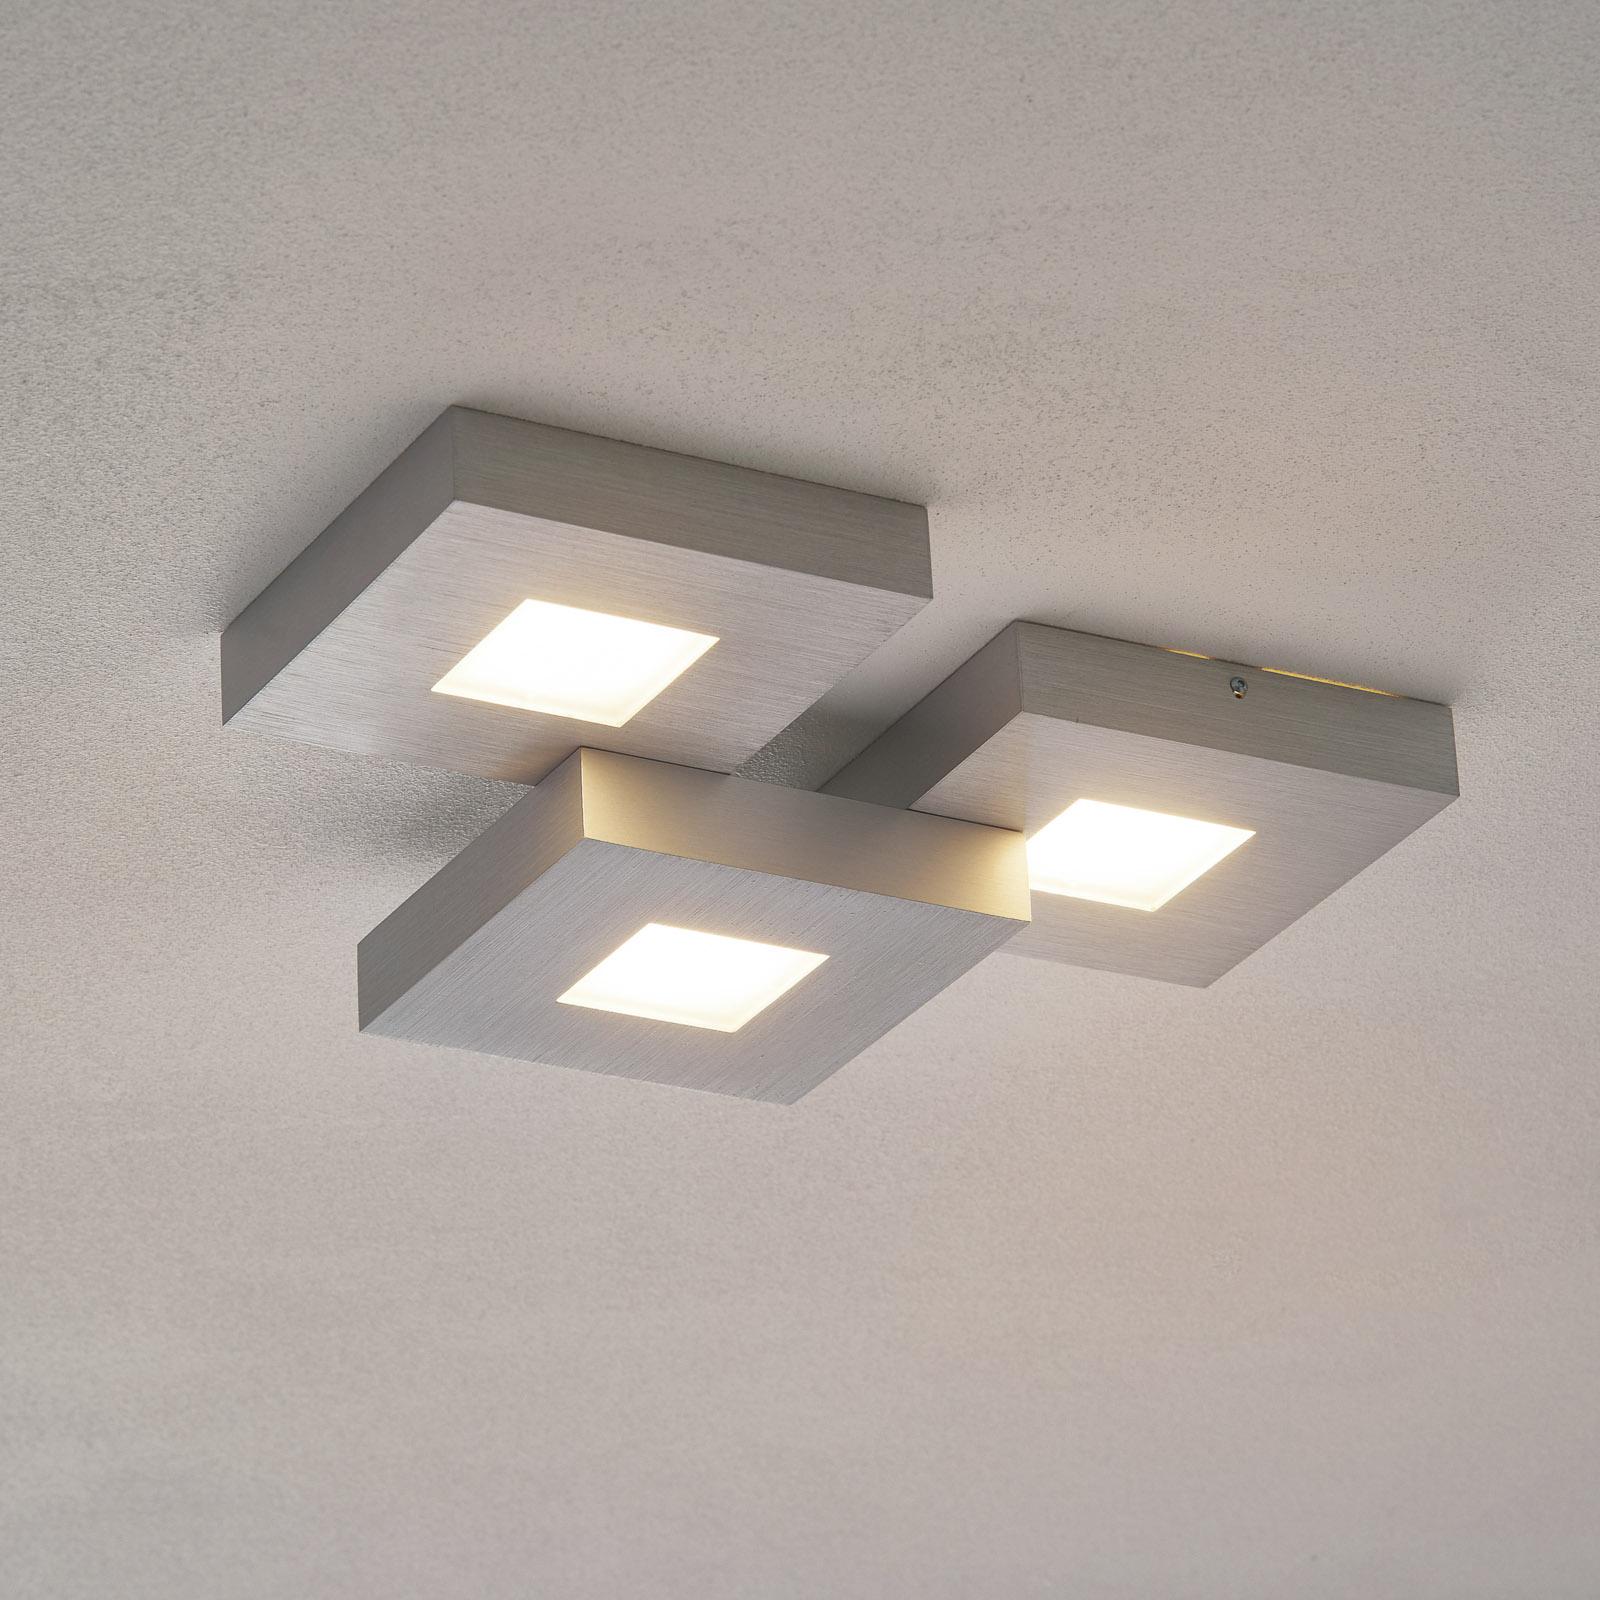 Cubus - LED-loftslampe med 3 lyskilder